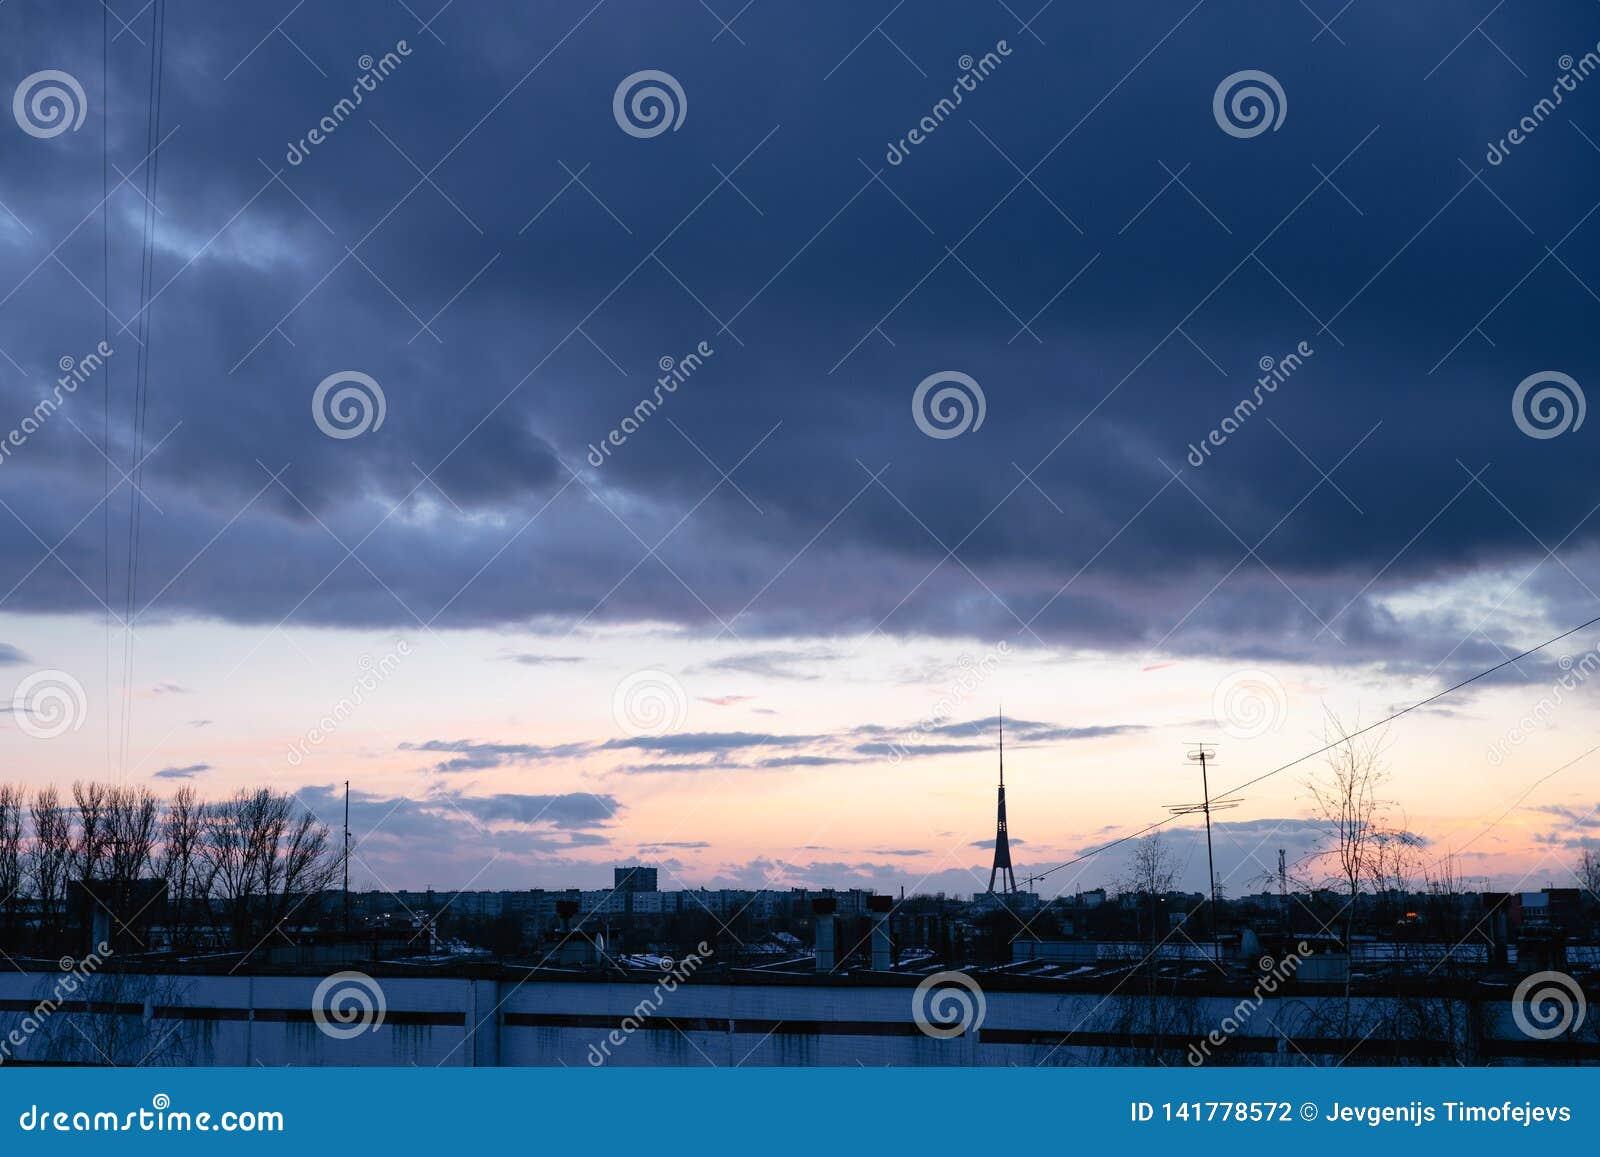 Pejzaż miejski z cudownym varicolored żywym świtem Zadziwiający dramatyczny niebieskie niebo z purpurami i fiołkiem chmurnieje na